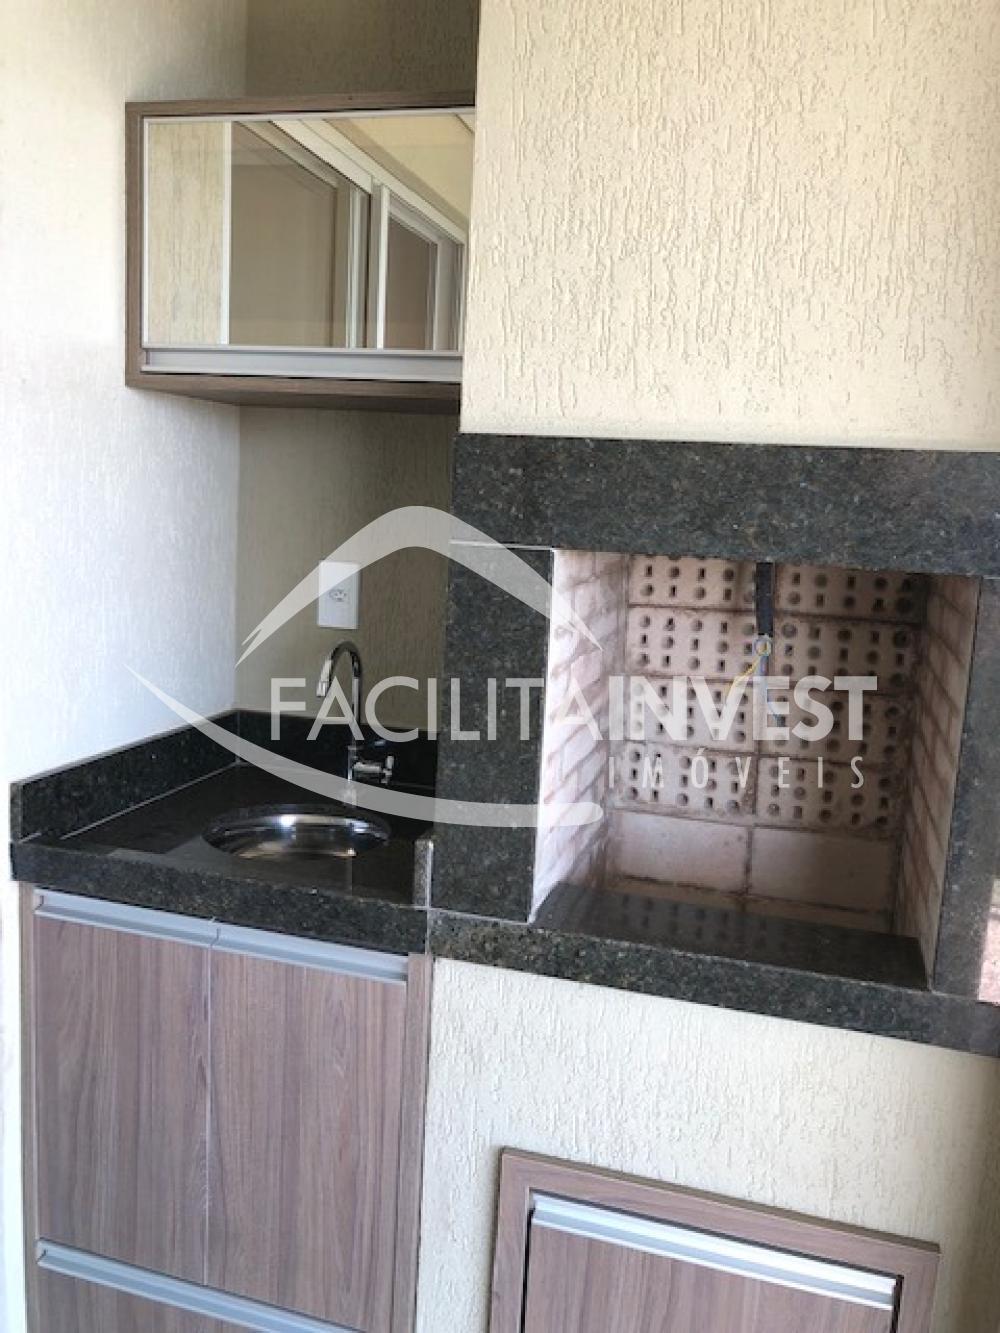 Alugar Lançamentos/ Empreendimentos em Construç / Apartamento padrão - Lançamento em Ribeirão Preto apenas R$ 1.200,00 - Foto 10